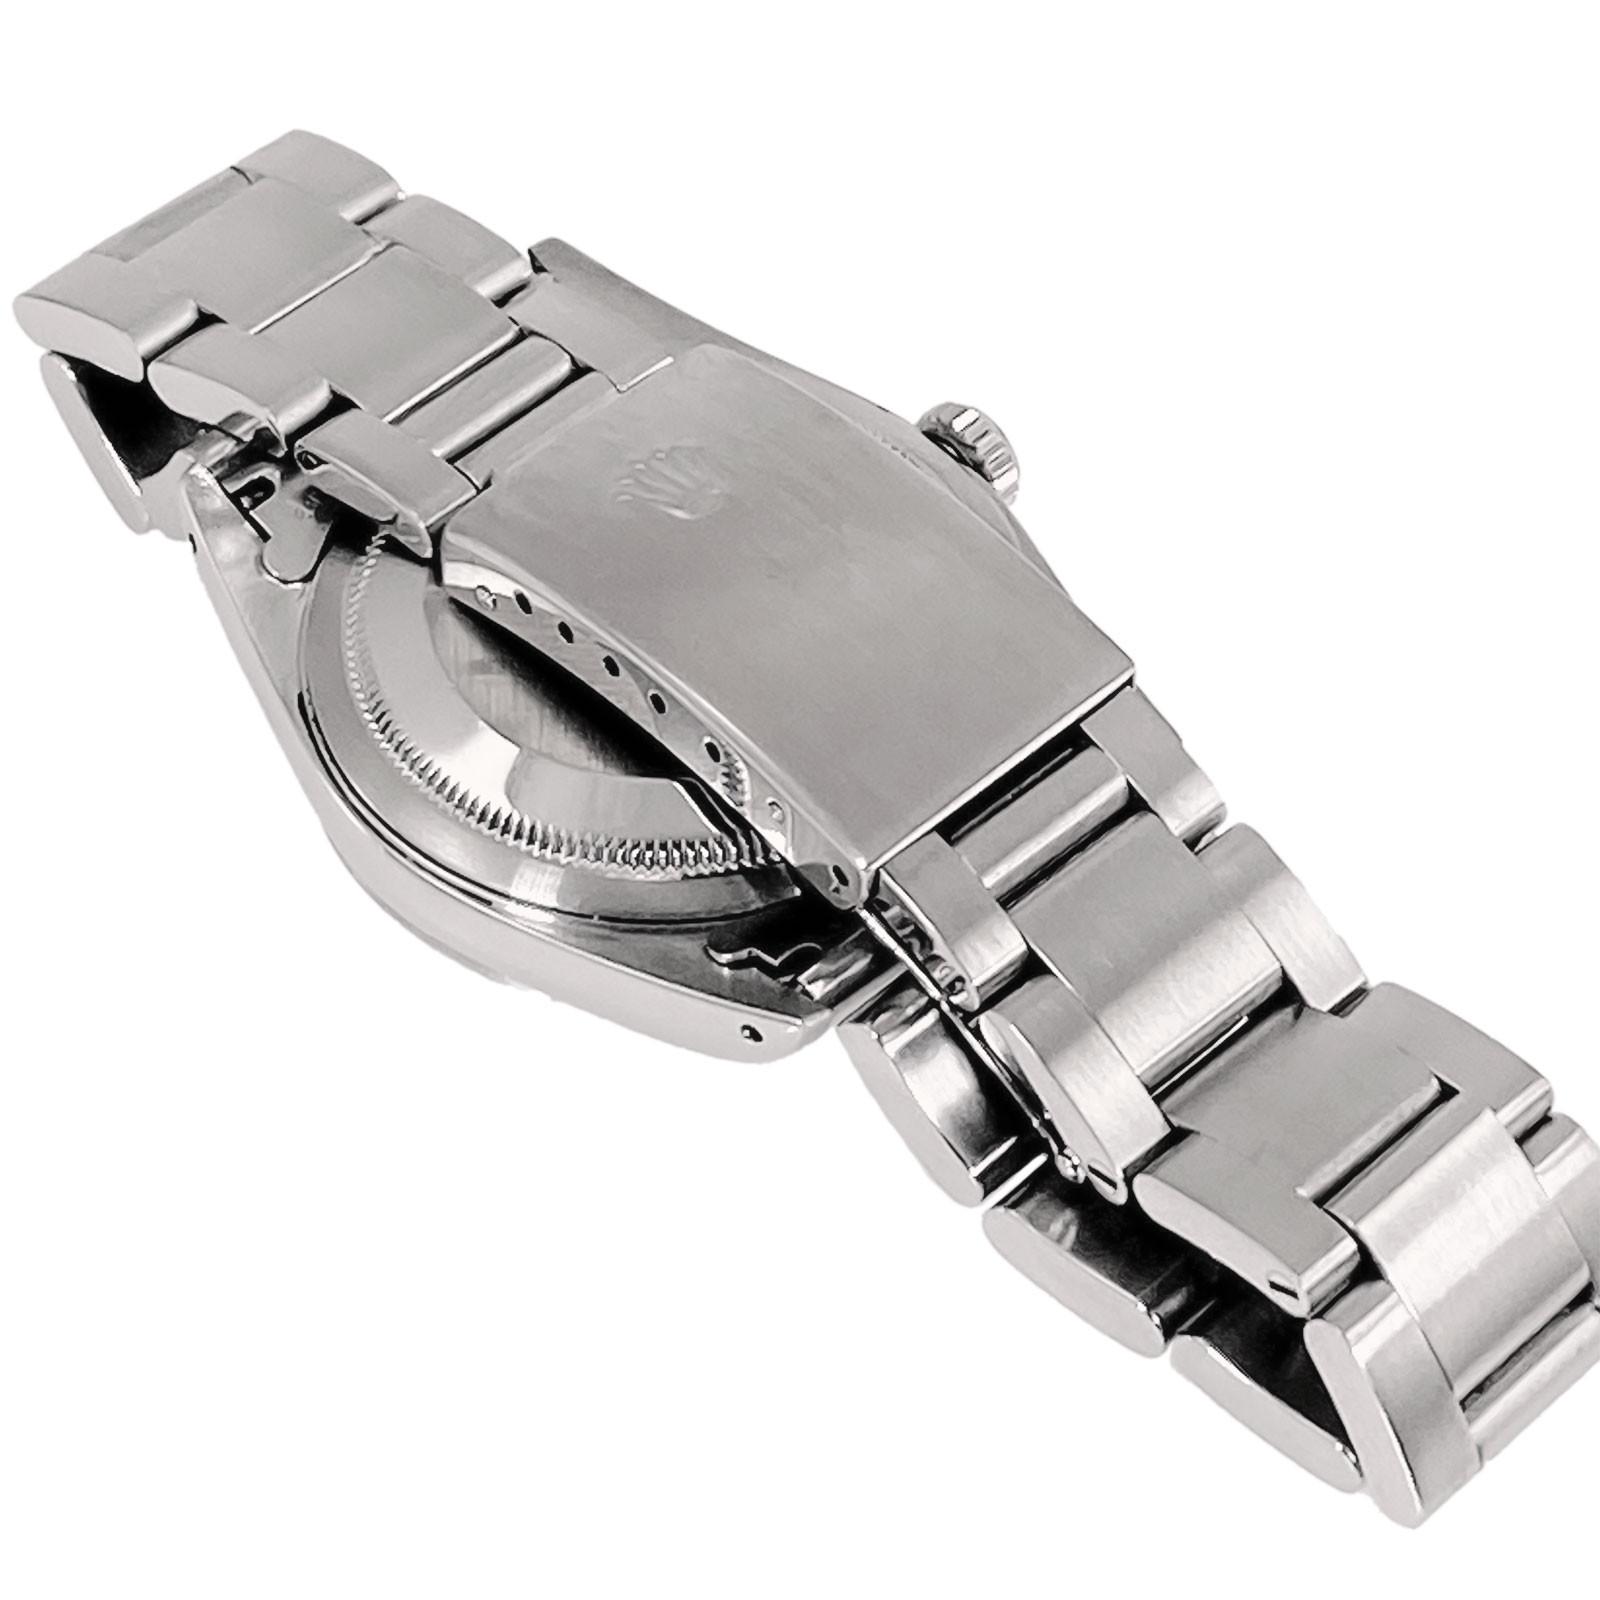 Rolex Datejust 16234 White Gold Bezel